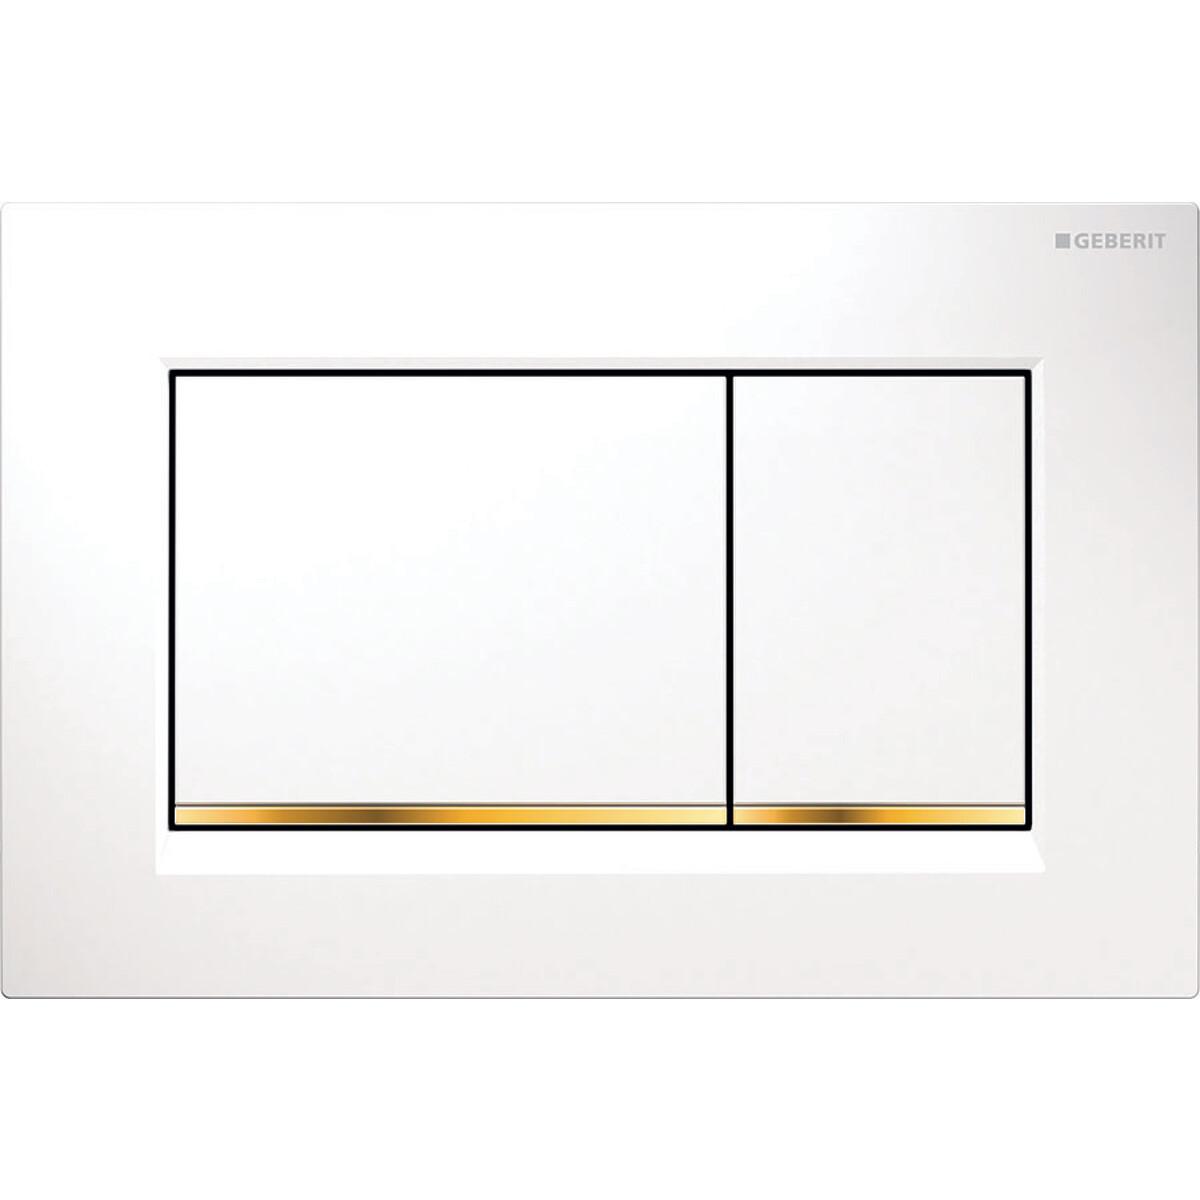 Plaque de déclenchement Geberit Sigma30 / Blanc doré